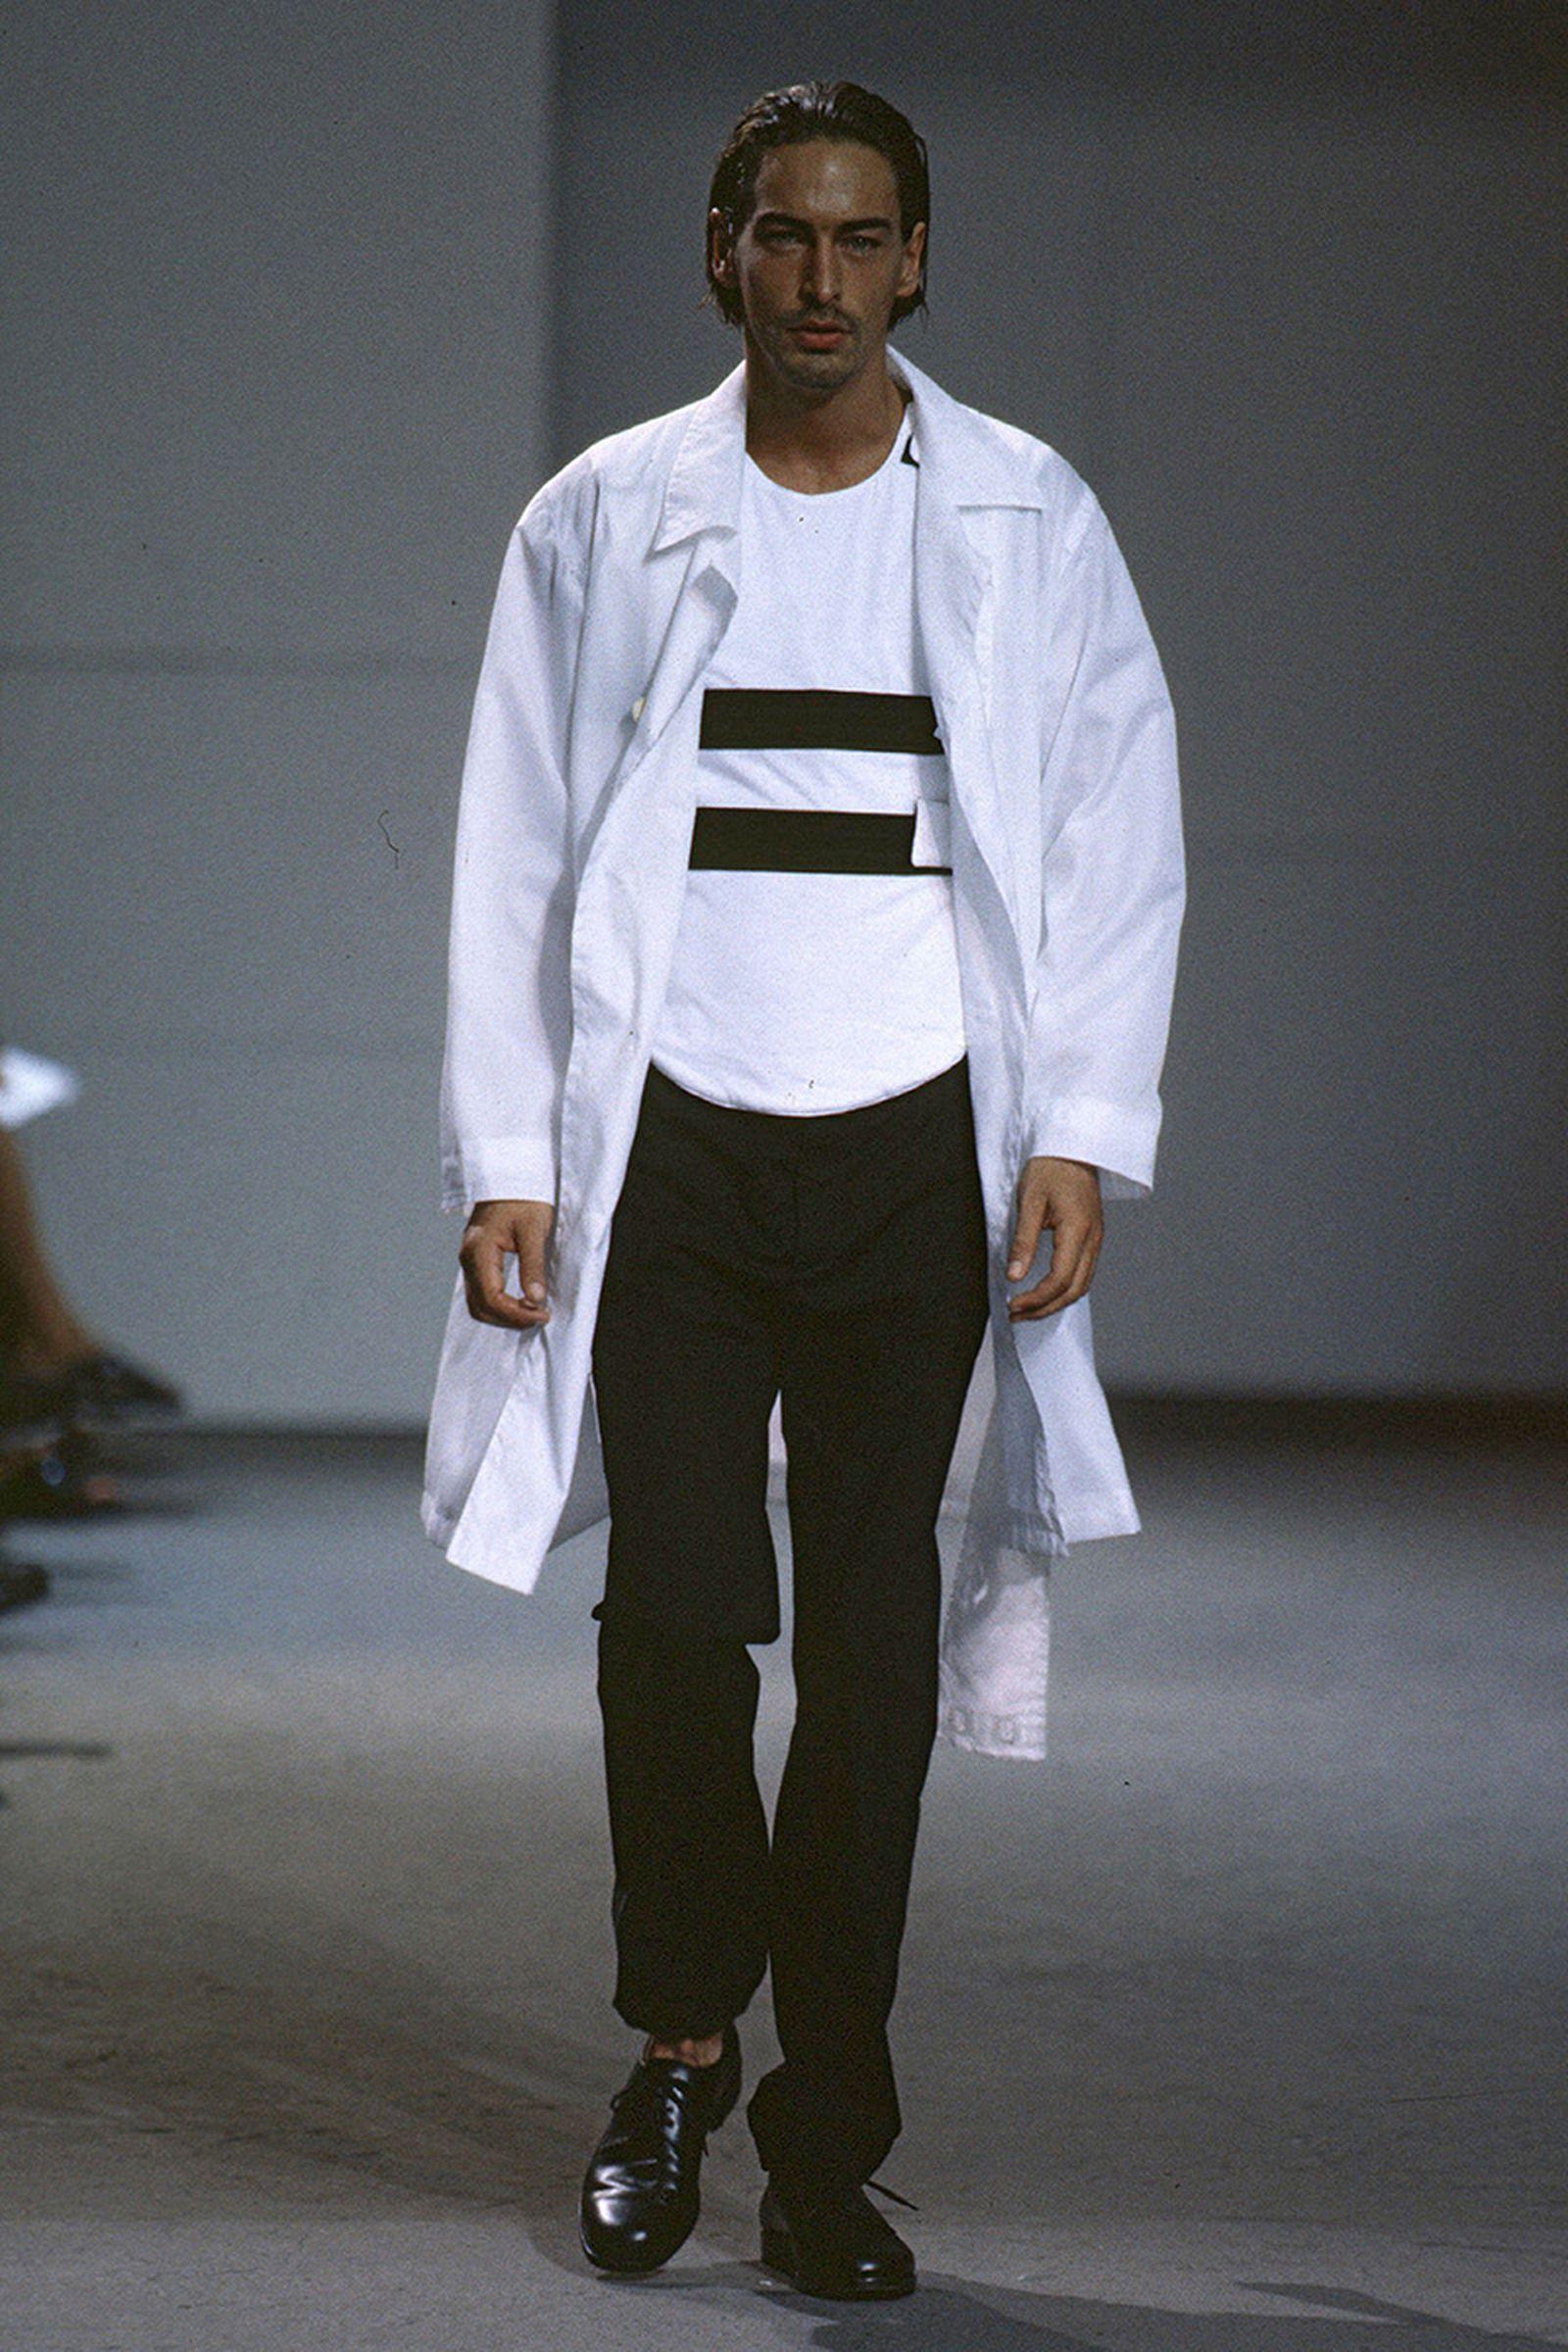 the-12-fashion-shows-that-changed-mens-fashion-010